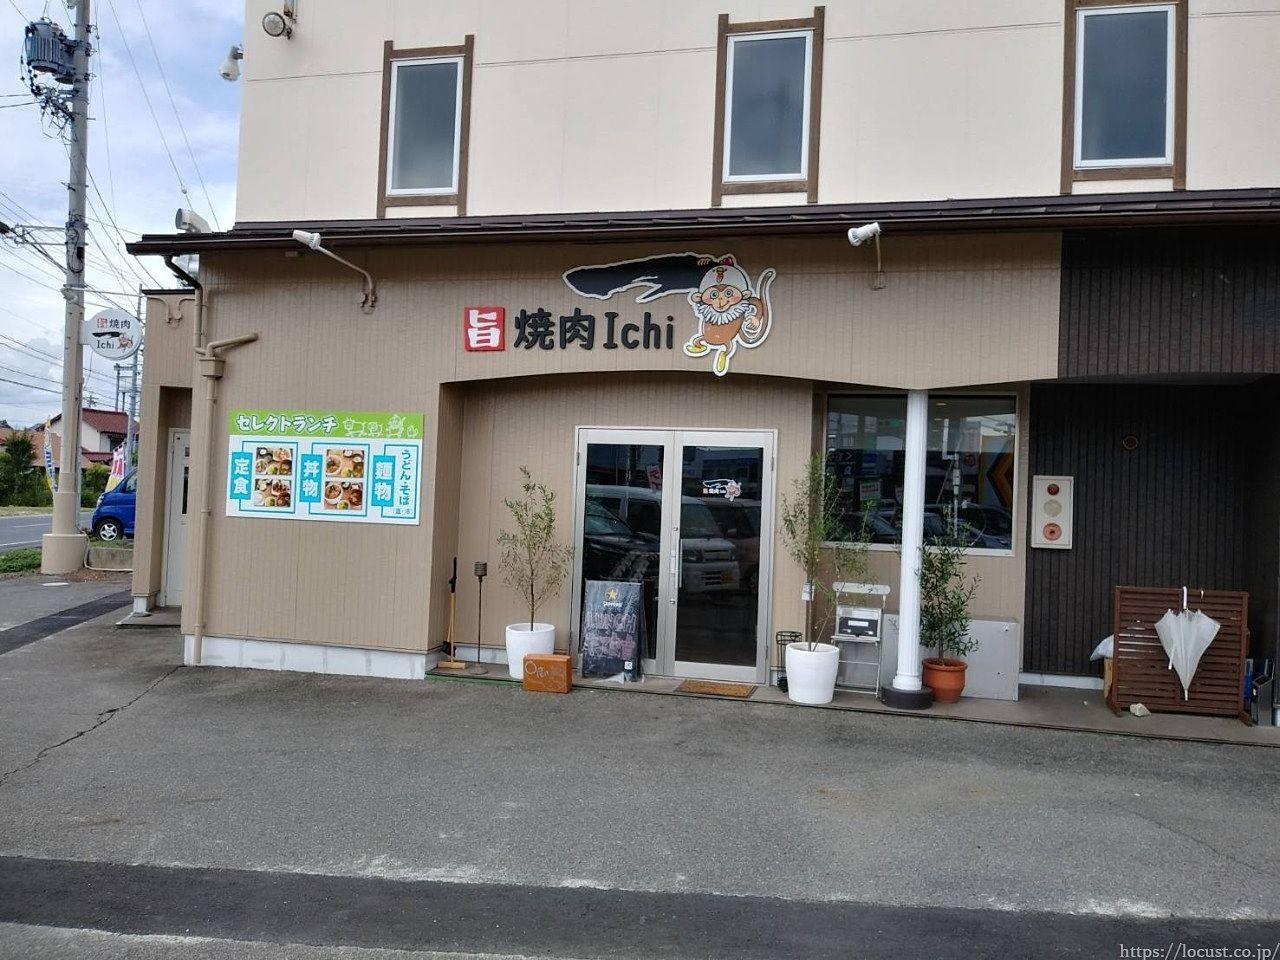 東浦町森岡 旨焼肉一(いち) Ichi オープンしたので行ってみました。